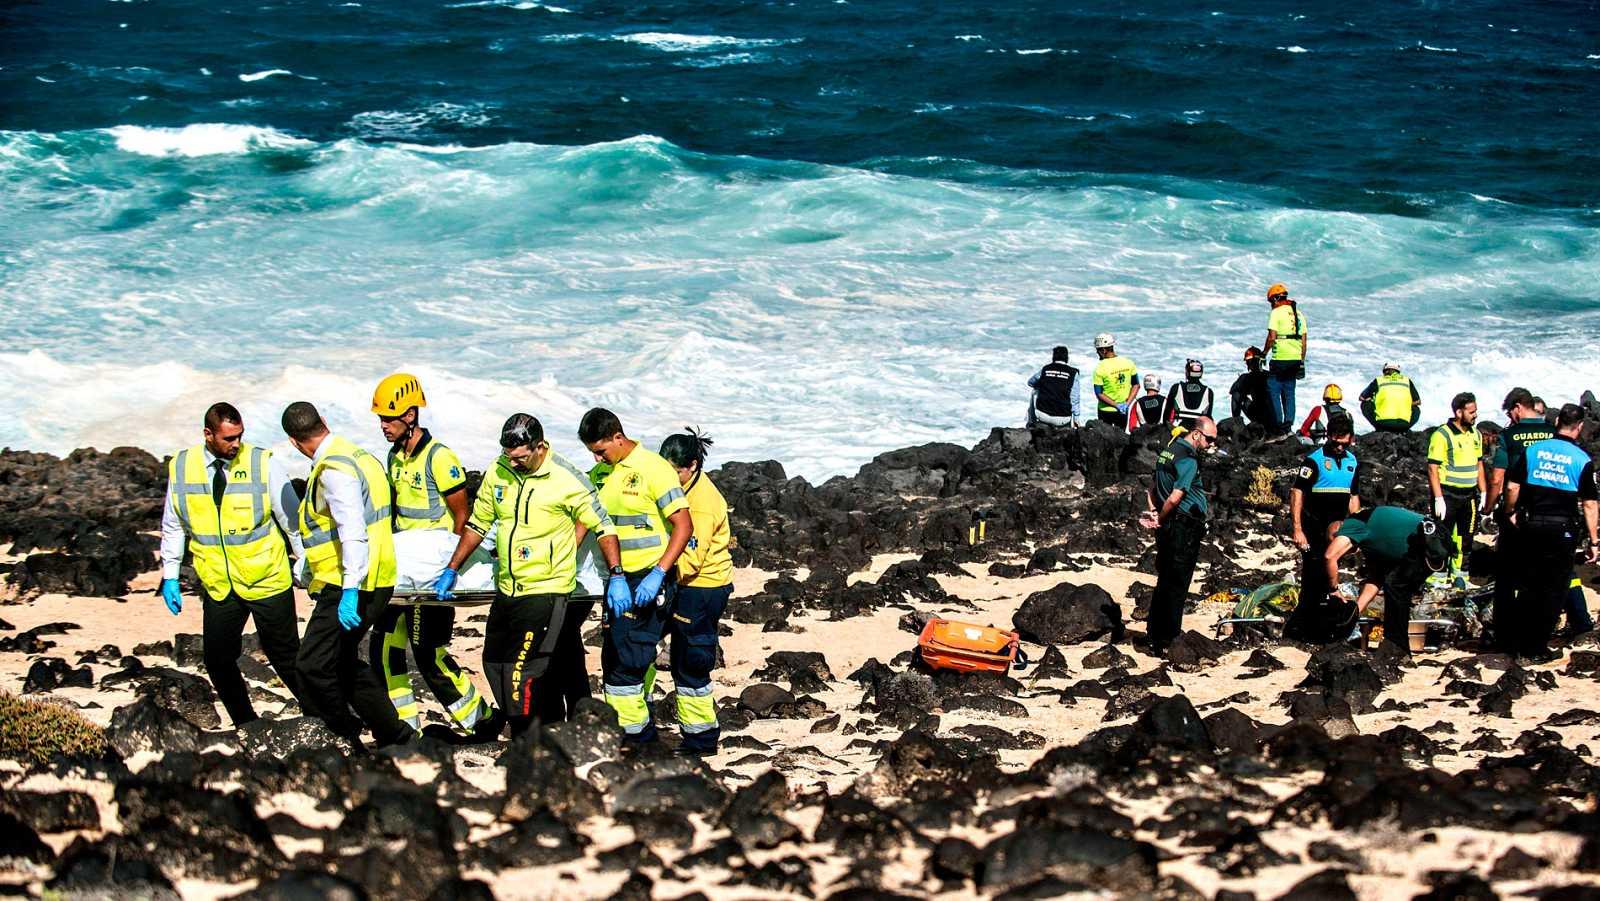 El naufragio de una patera frente a las costas de Lanzarote deja seis muertos